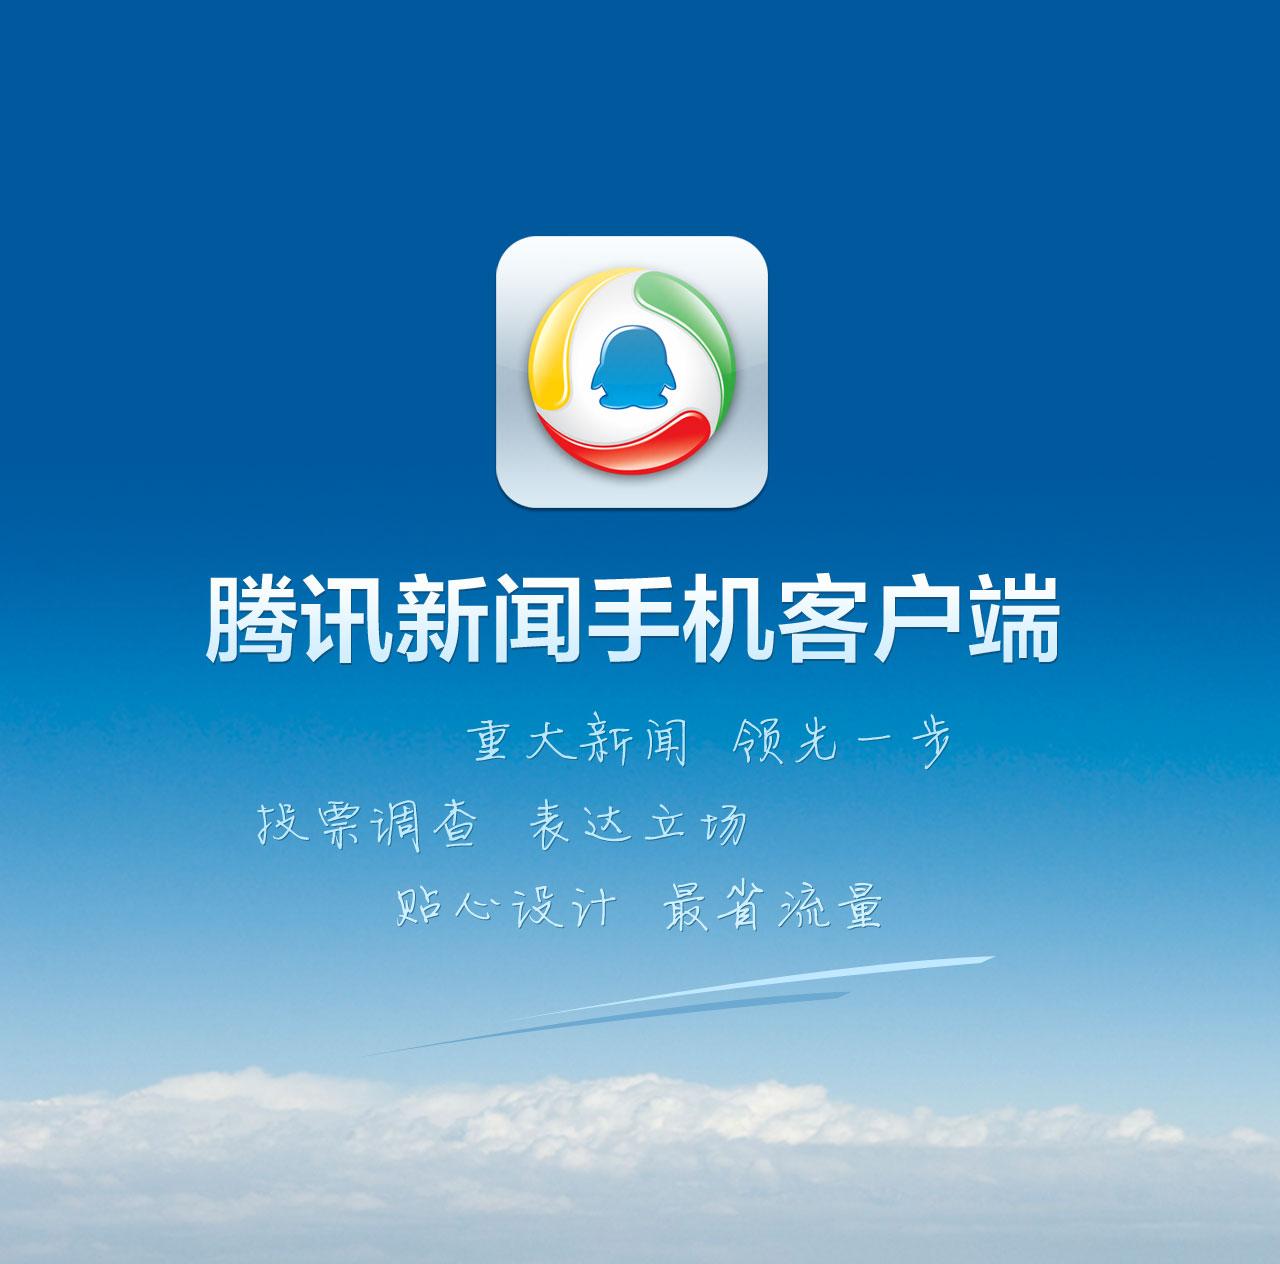 腾讯新闻2012【相关词_腾讯新闻头条】